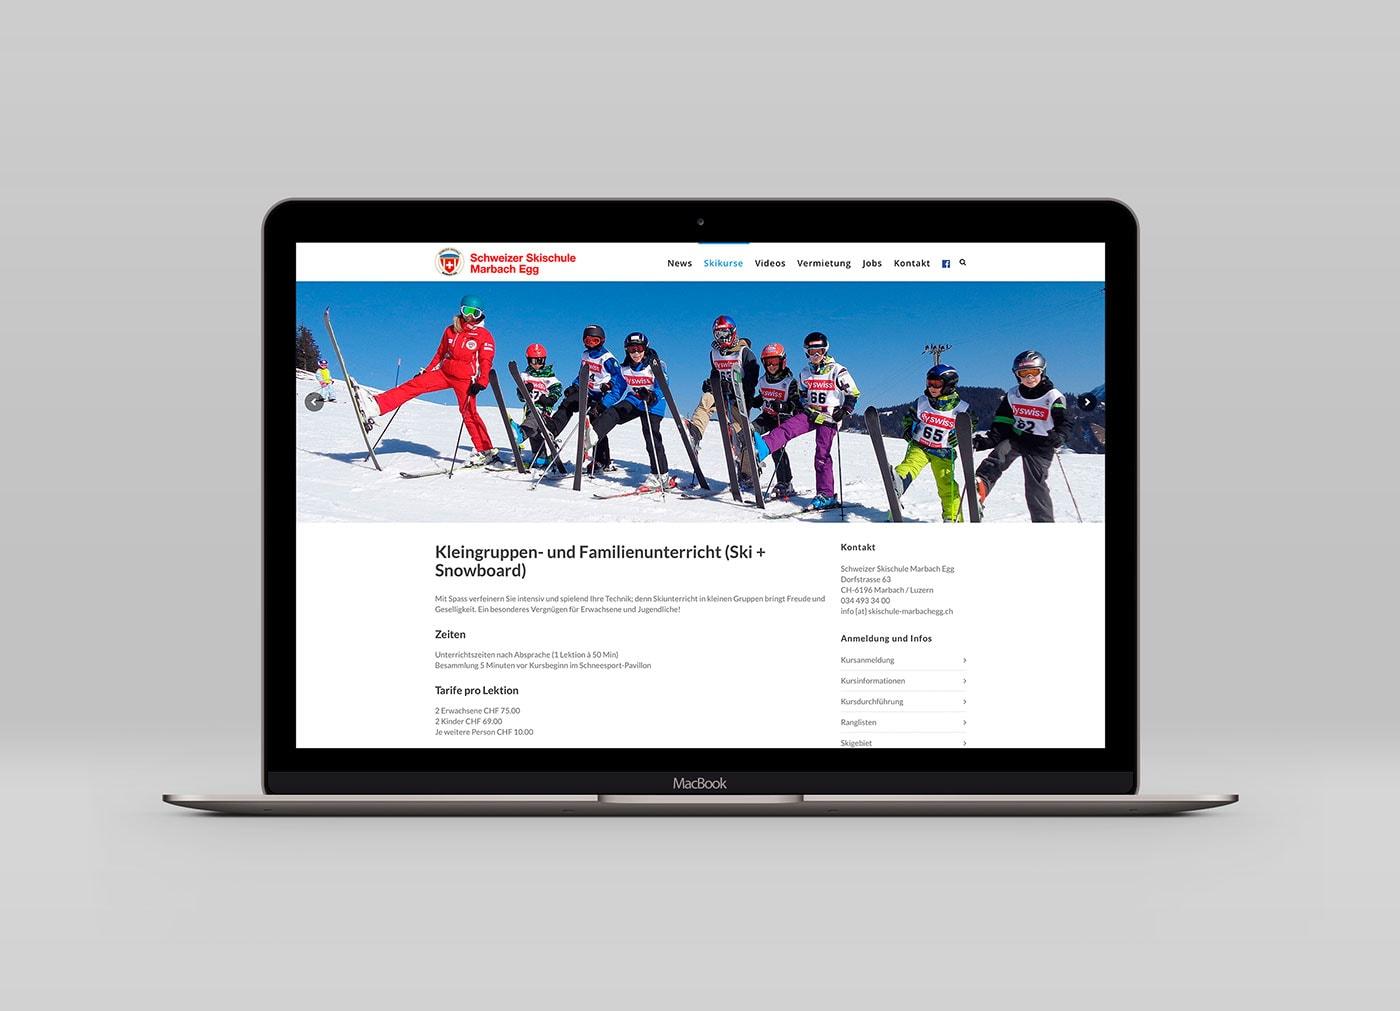 Webseite der Skischule Marbach Egg